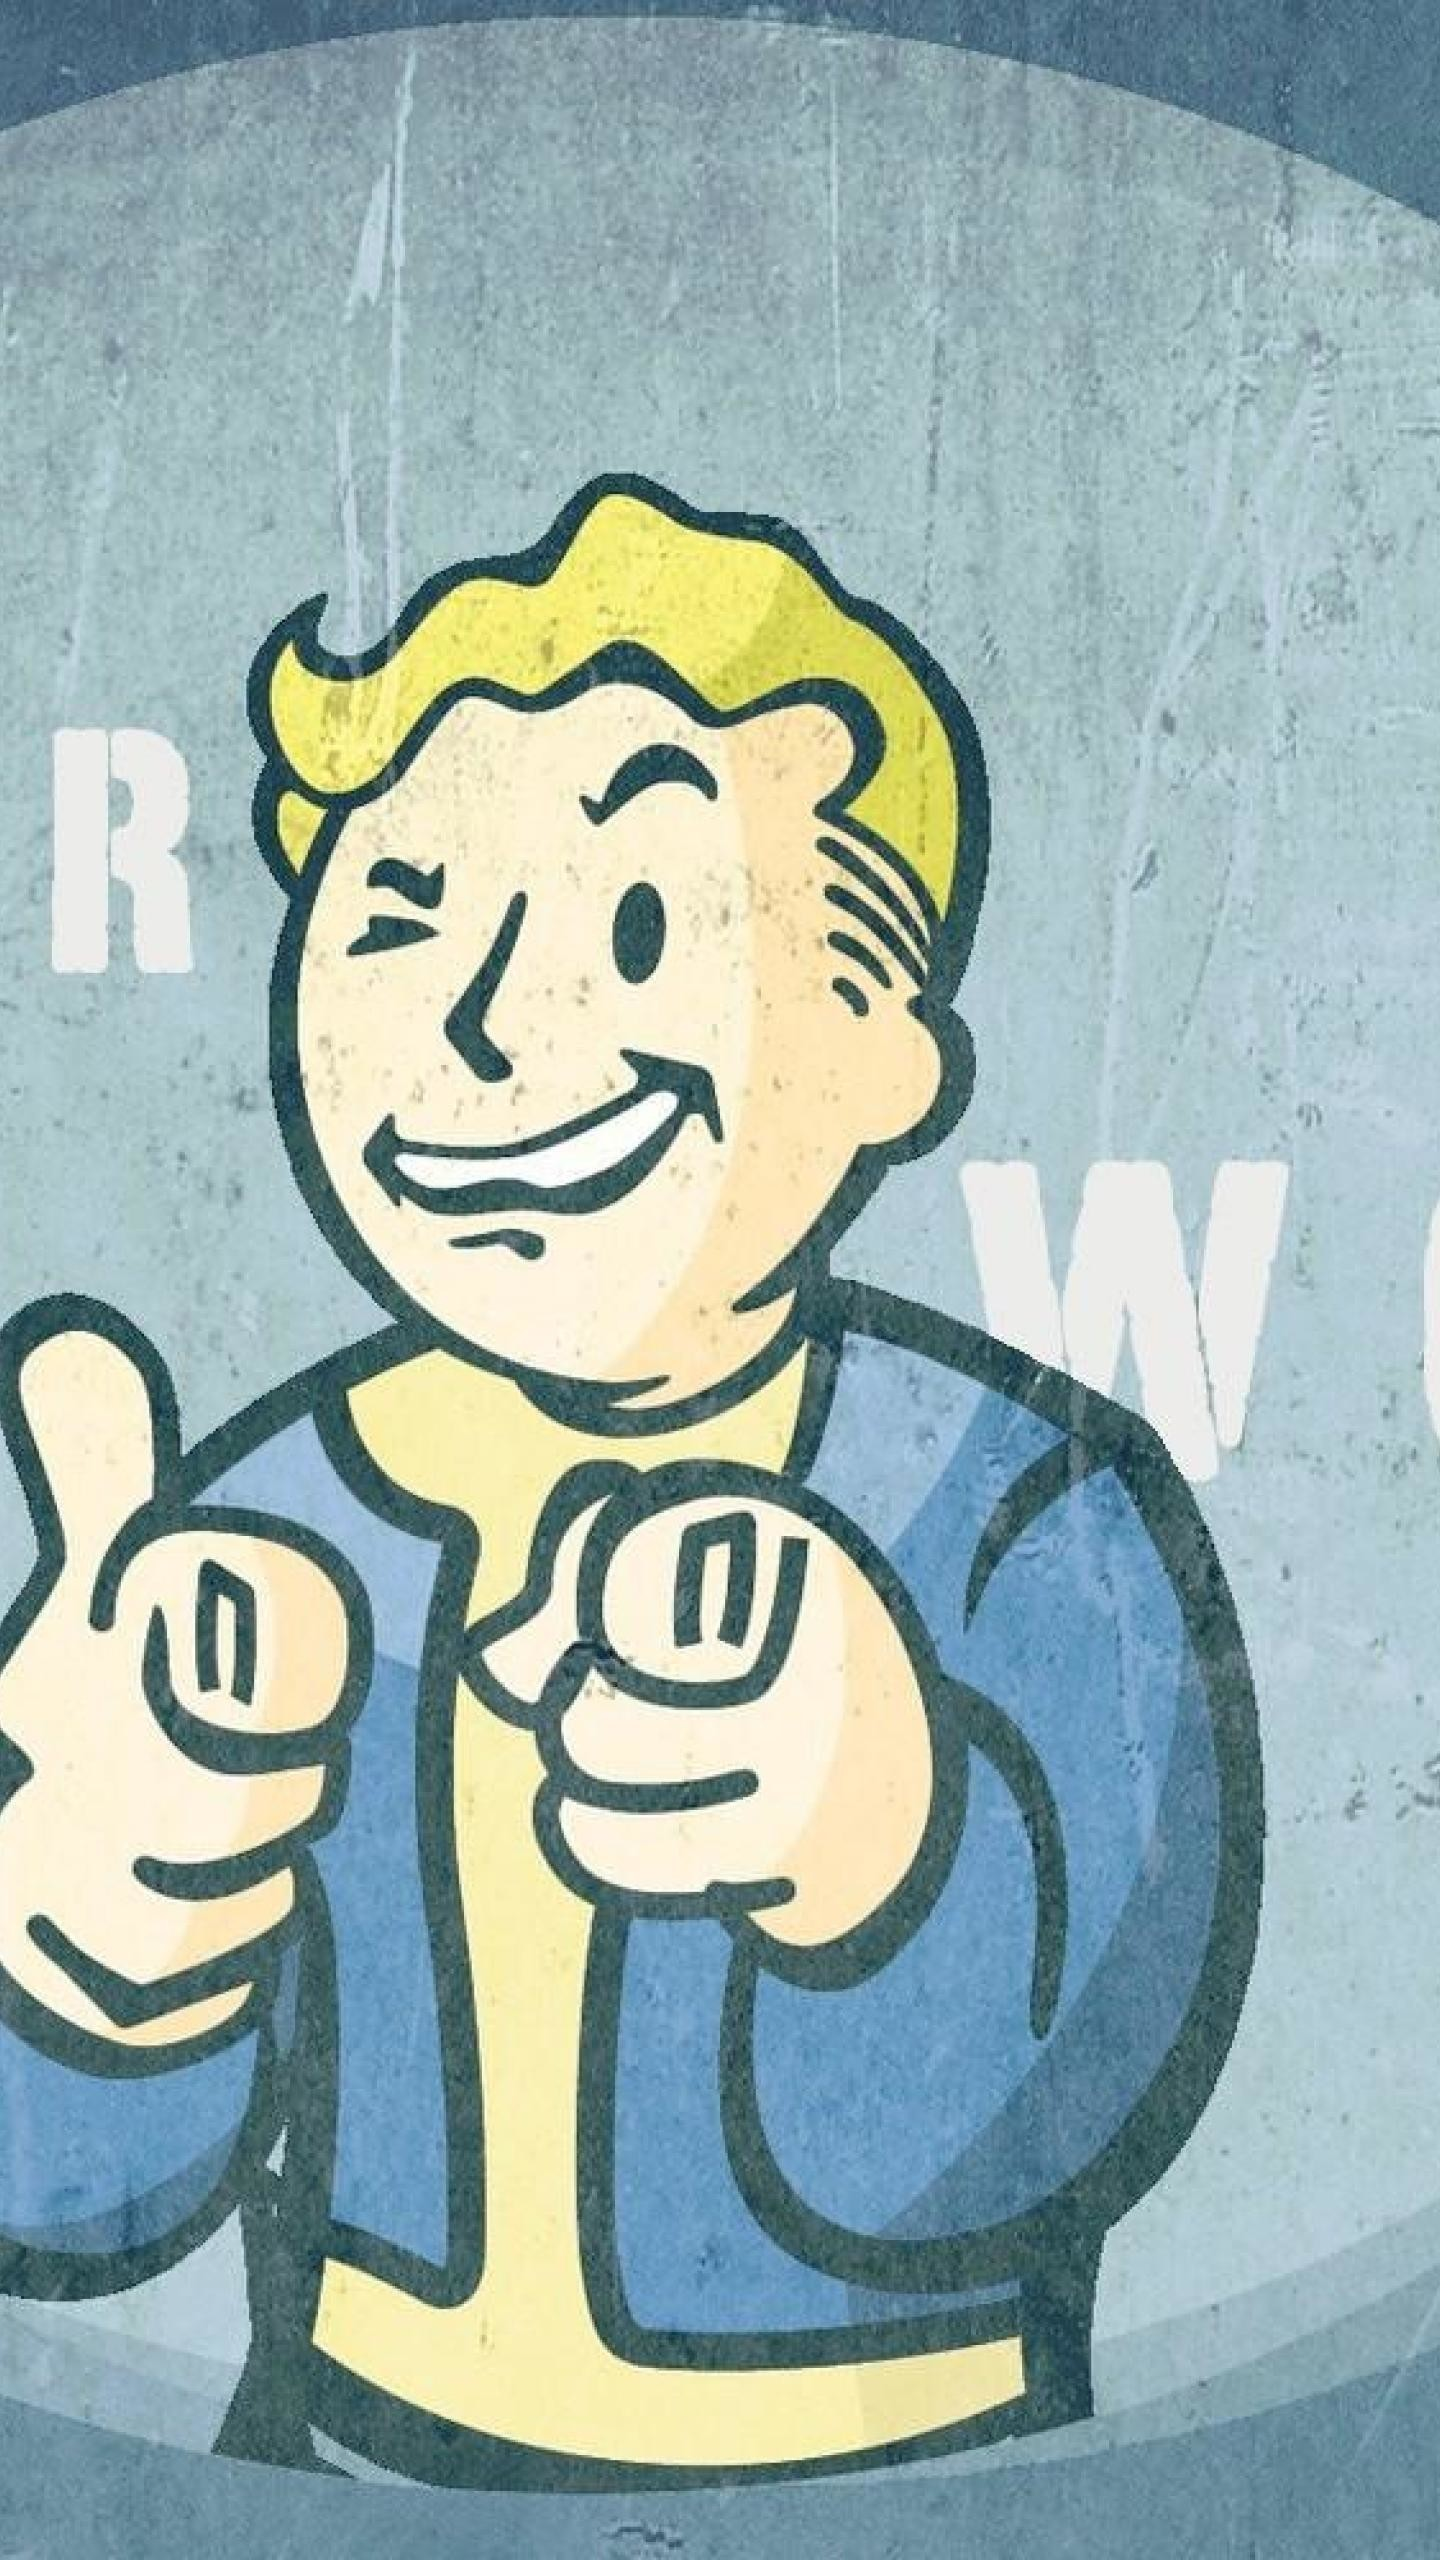 Vault boy Pipboy Fallout 3 HD Wallpapers, Desktop Backgrounds .